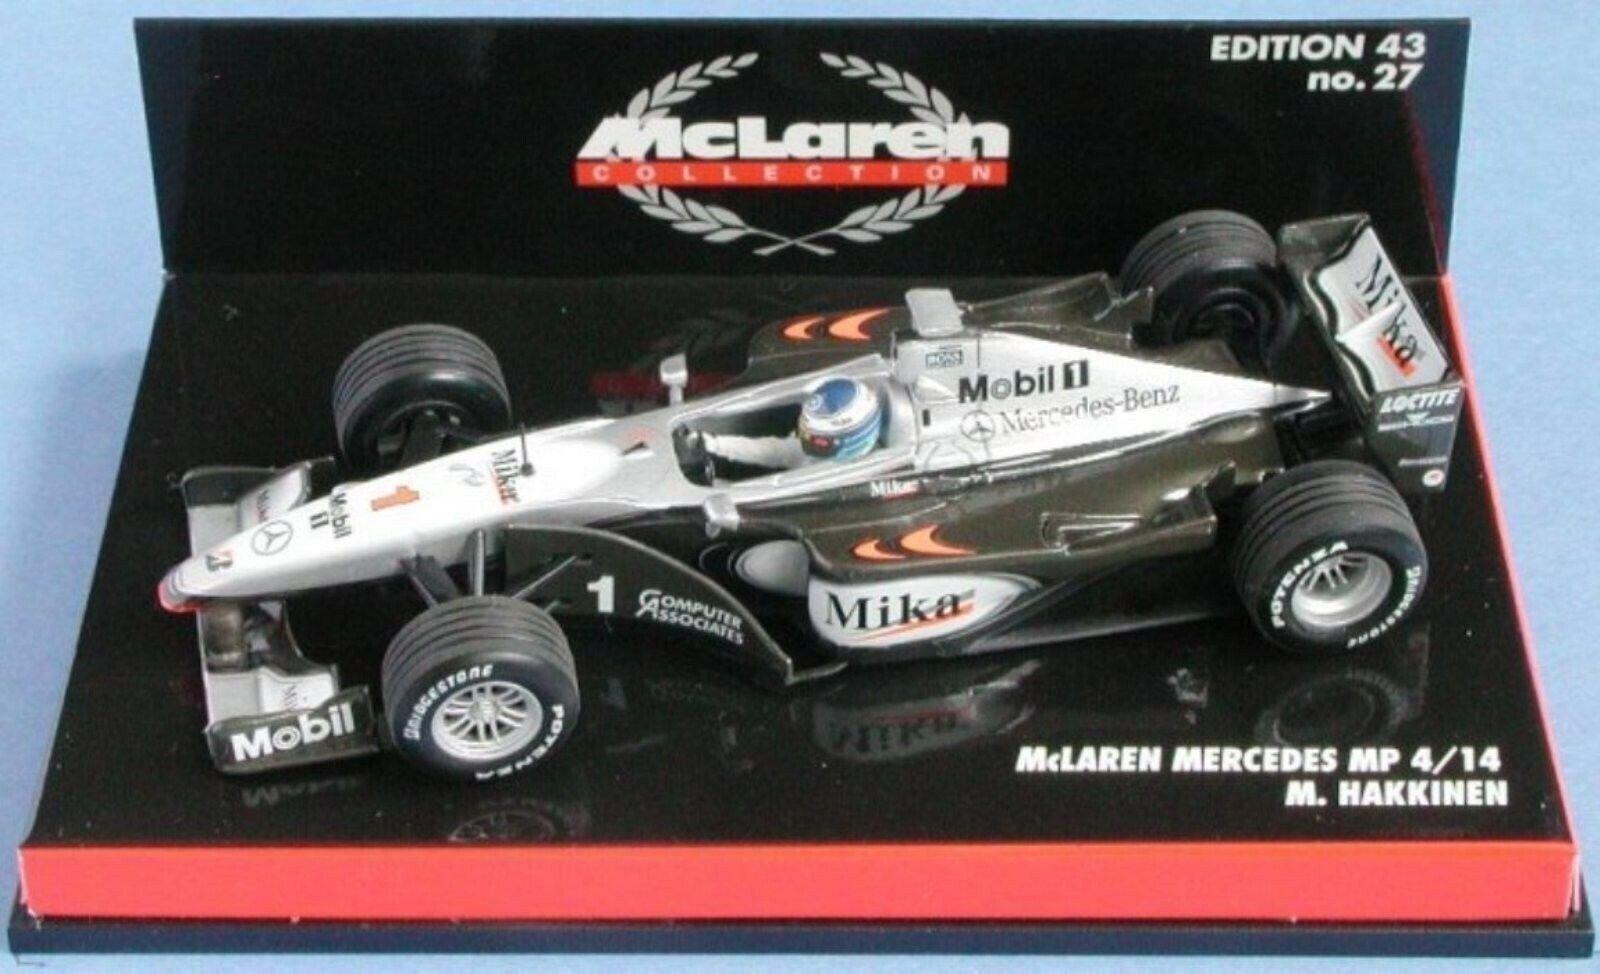 Wow extrêmeHommest rare McLAREN 1999 MP4 14  MB Häkkinen GP France 1 43 Minichamps  boutique en ligne